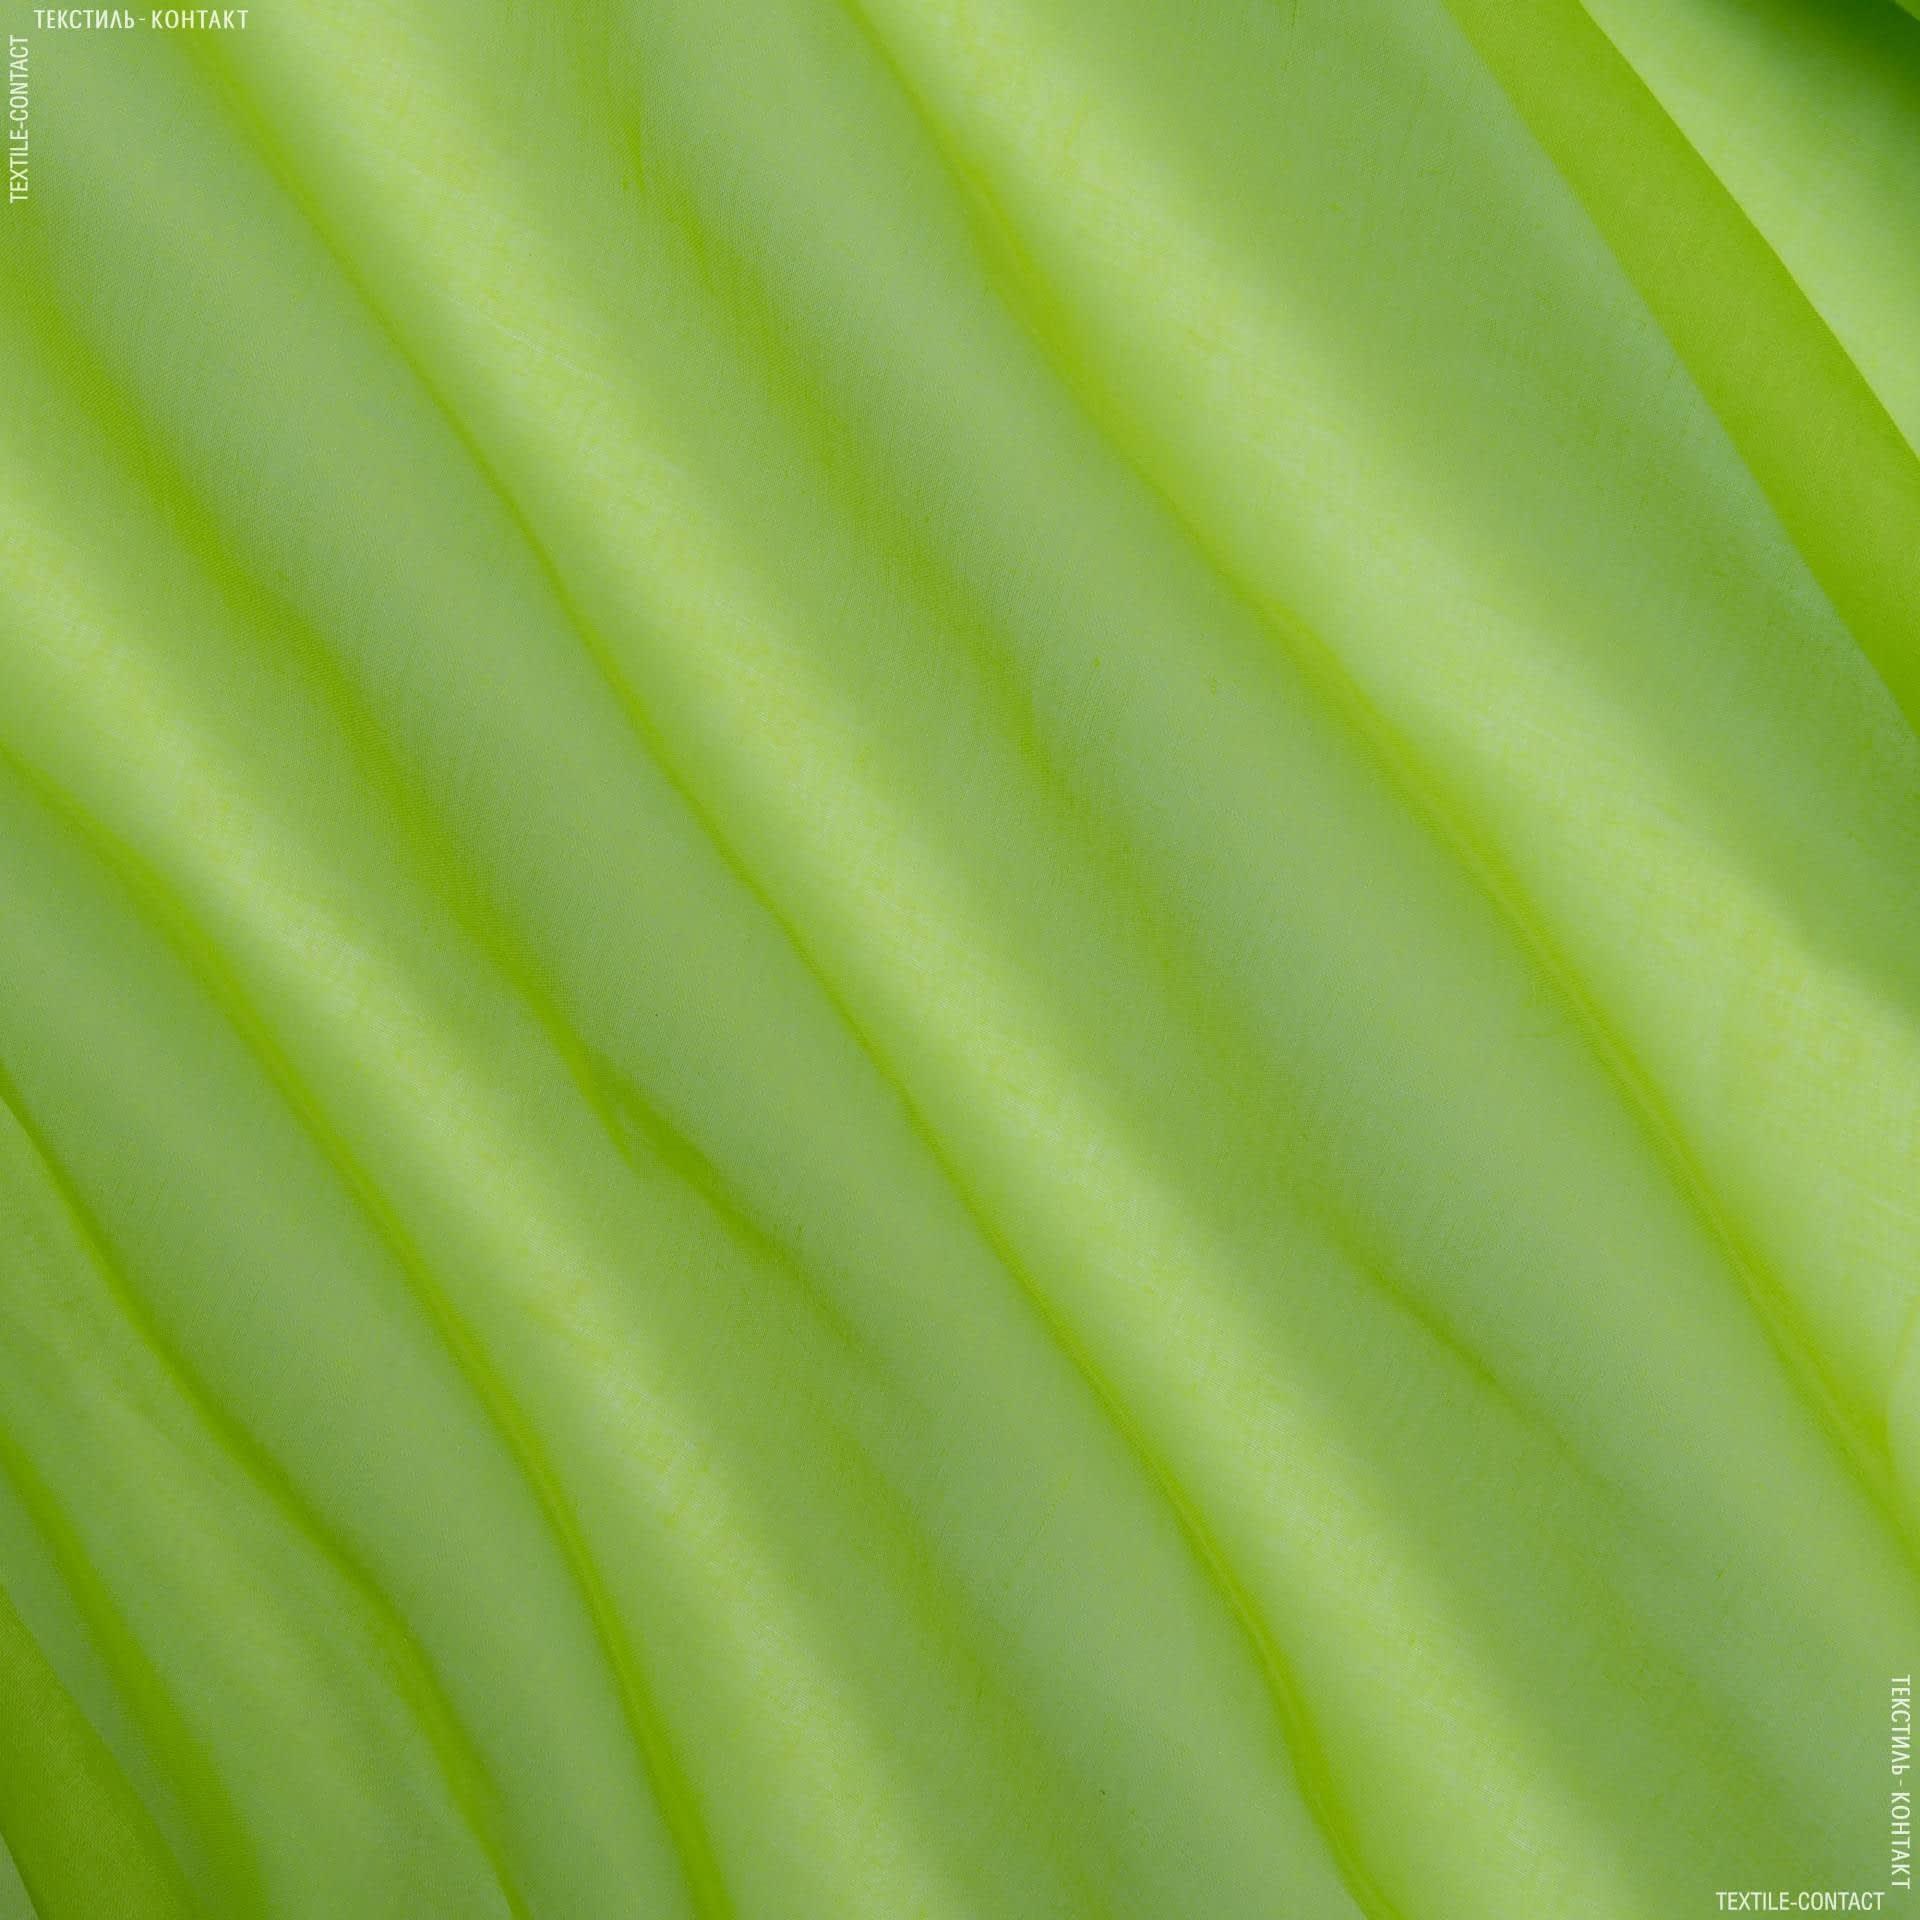 Ткани для тюли - Батист Индия,  зеленое яблоко